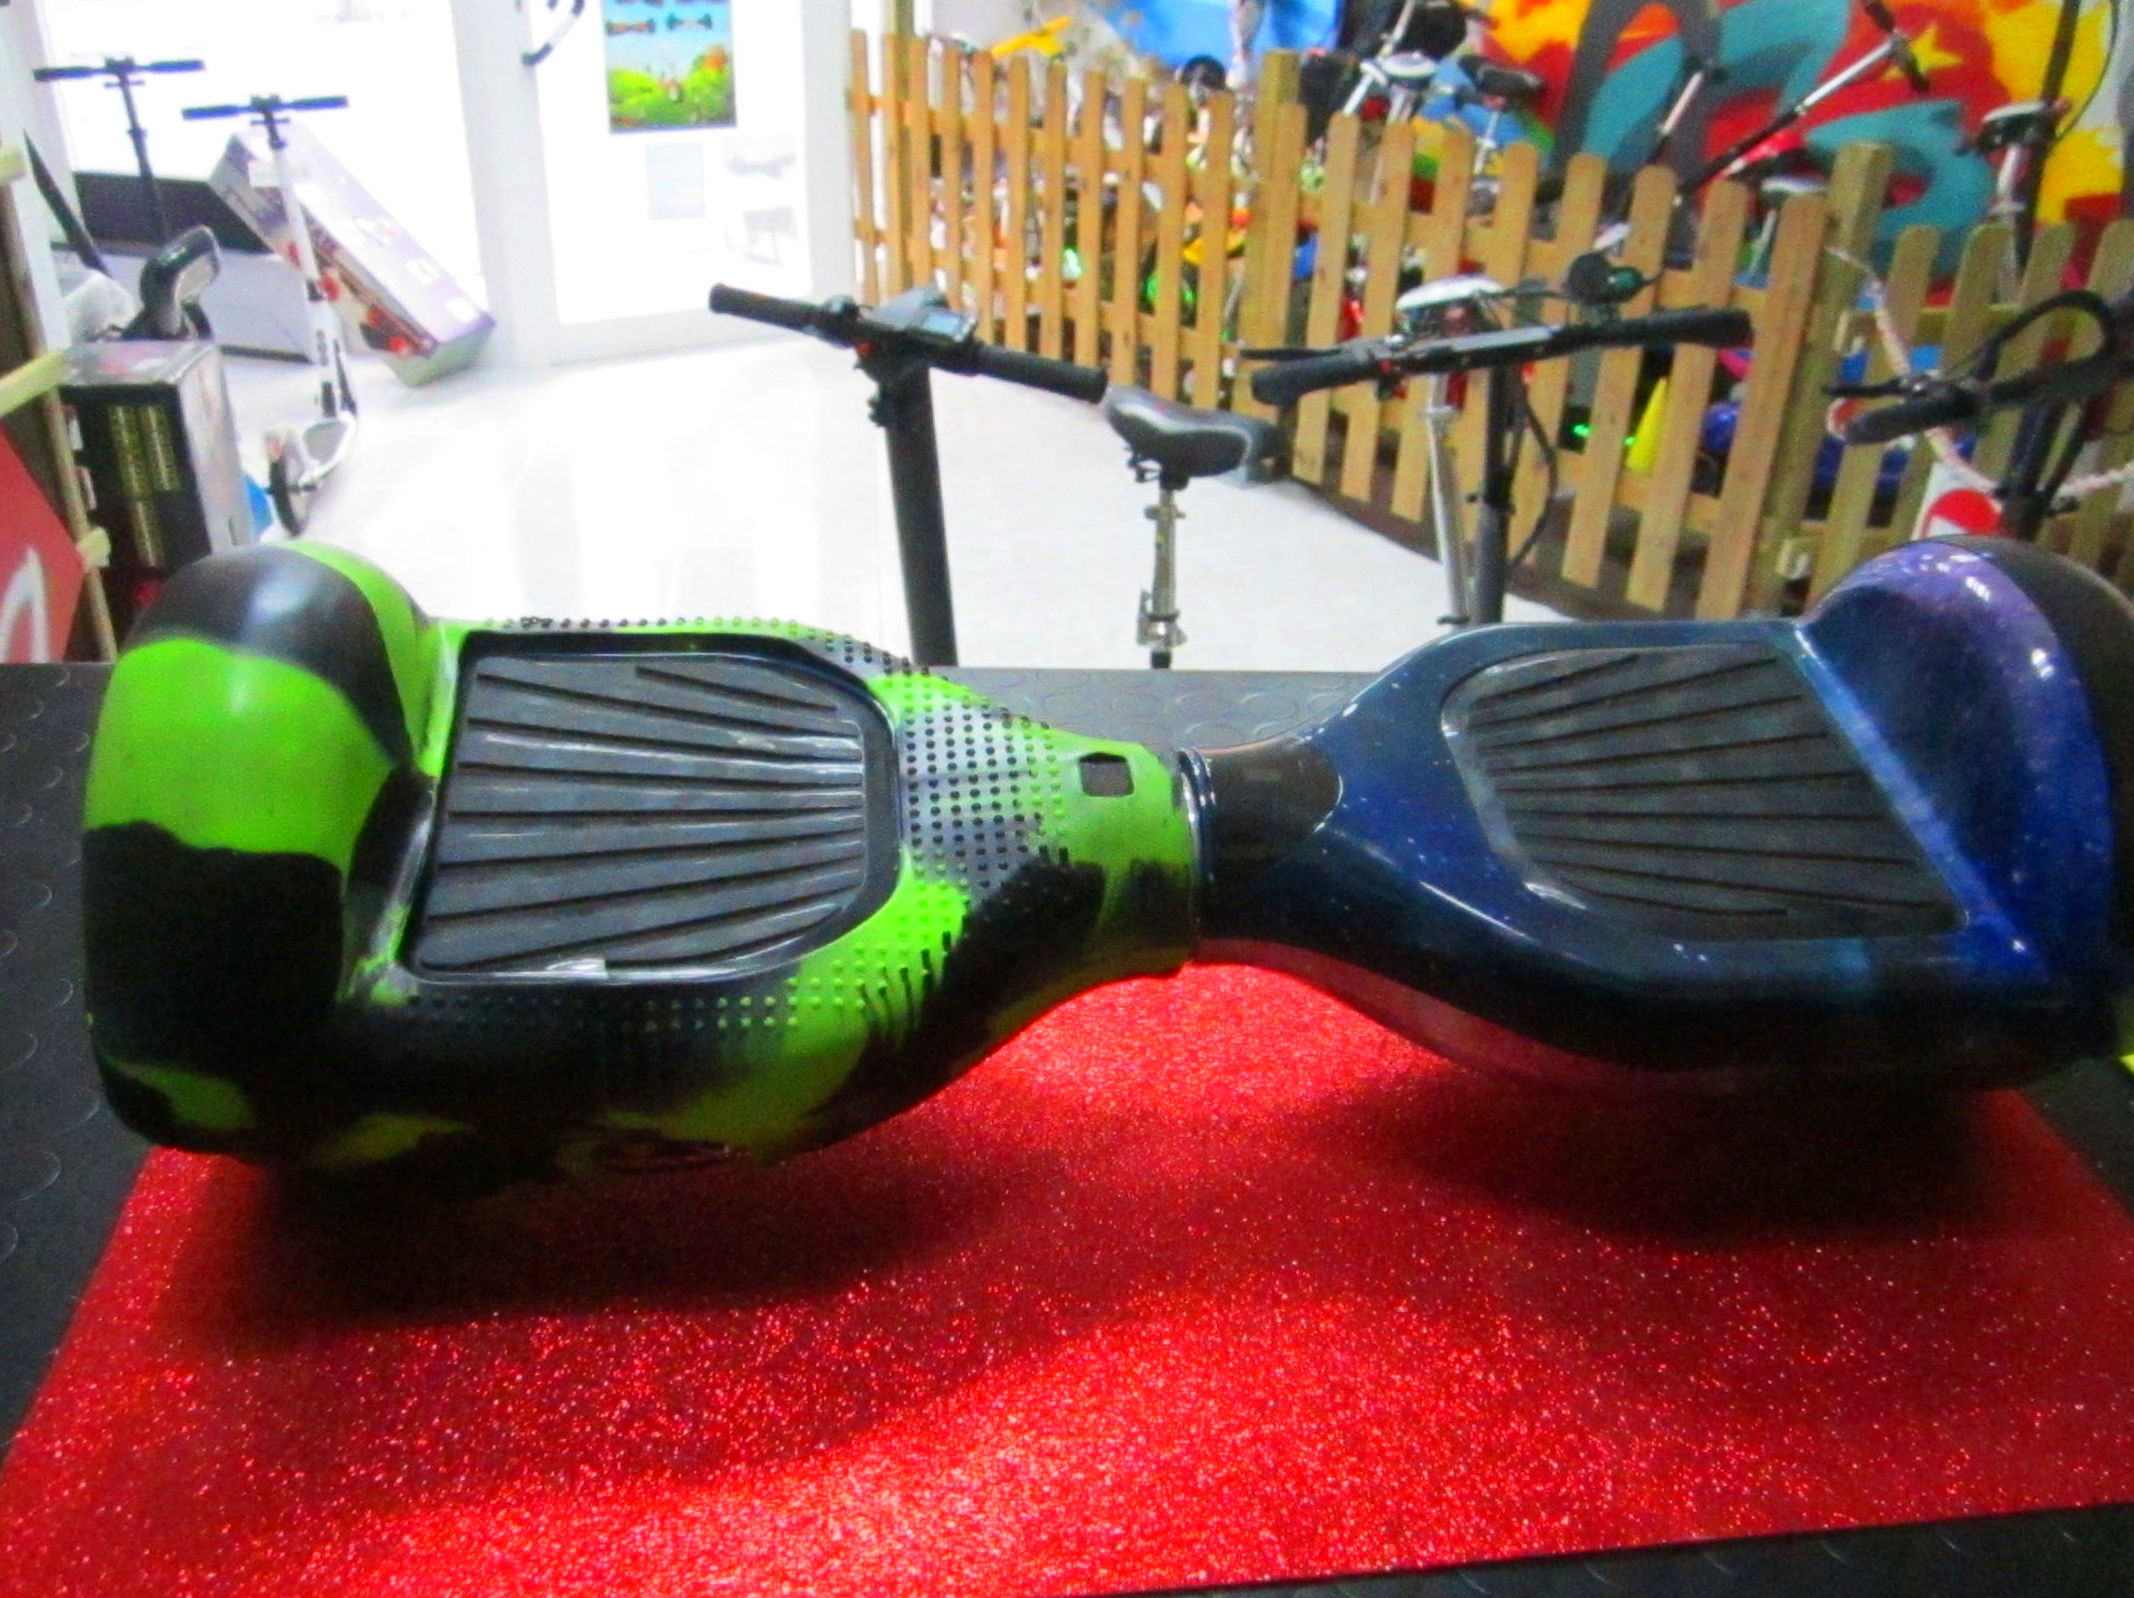 12€ funda de silicona para hoverboard de 6,5 verde negro 12€: Productos y servicios de PATIPACO